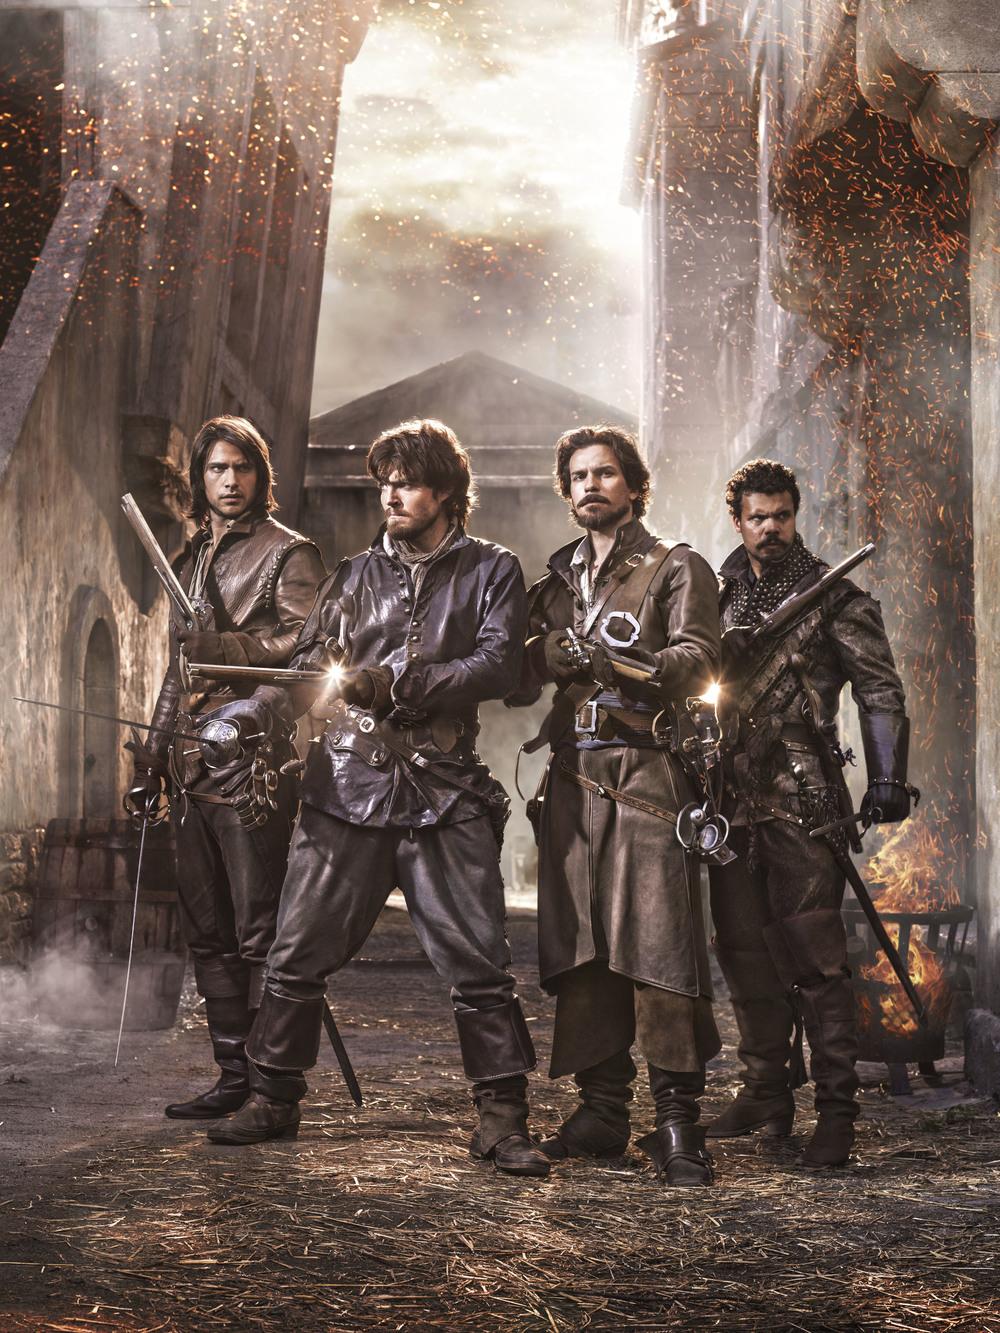 musketeers_group1.jpg